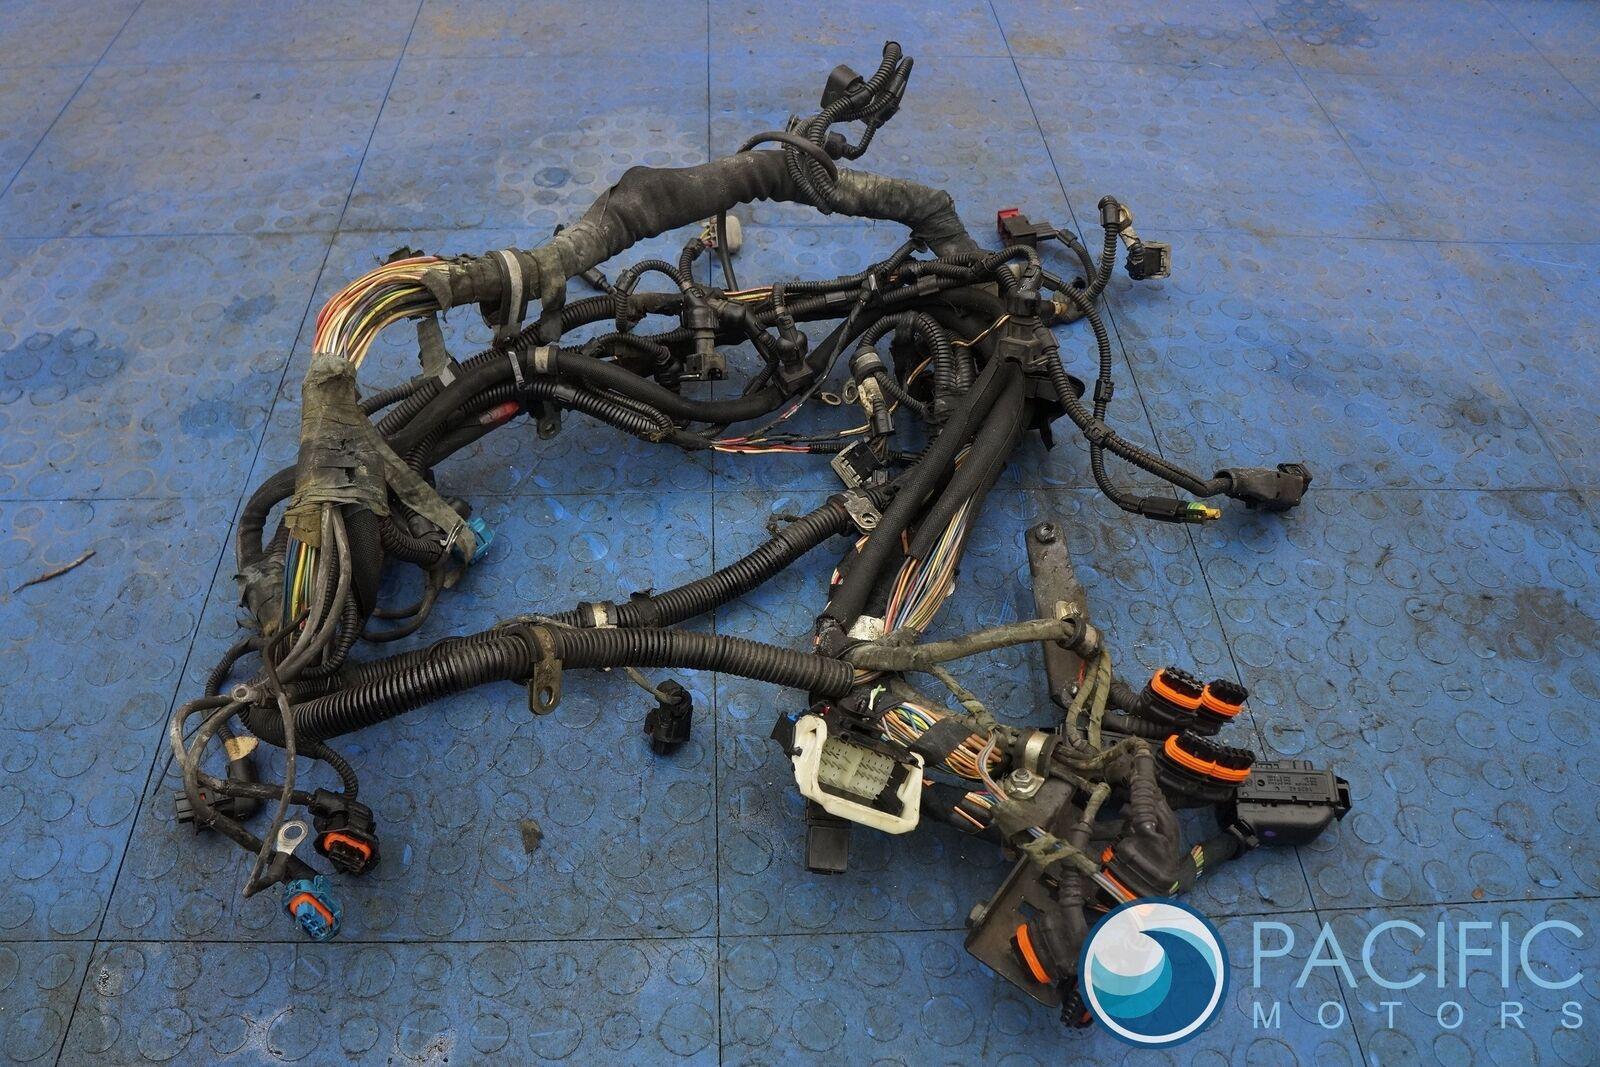 engine wiring wire harness 4 2l v8 f136 190041 maserati 4200 m138 rh pacificmotors com Custom Maserati Maserati Cambiocorsa